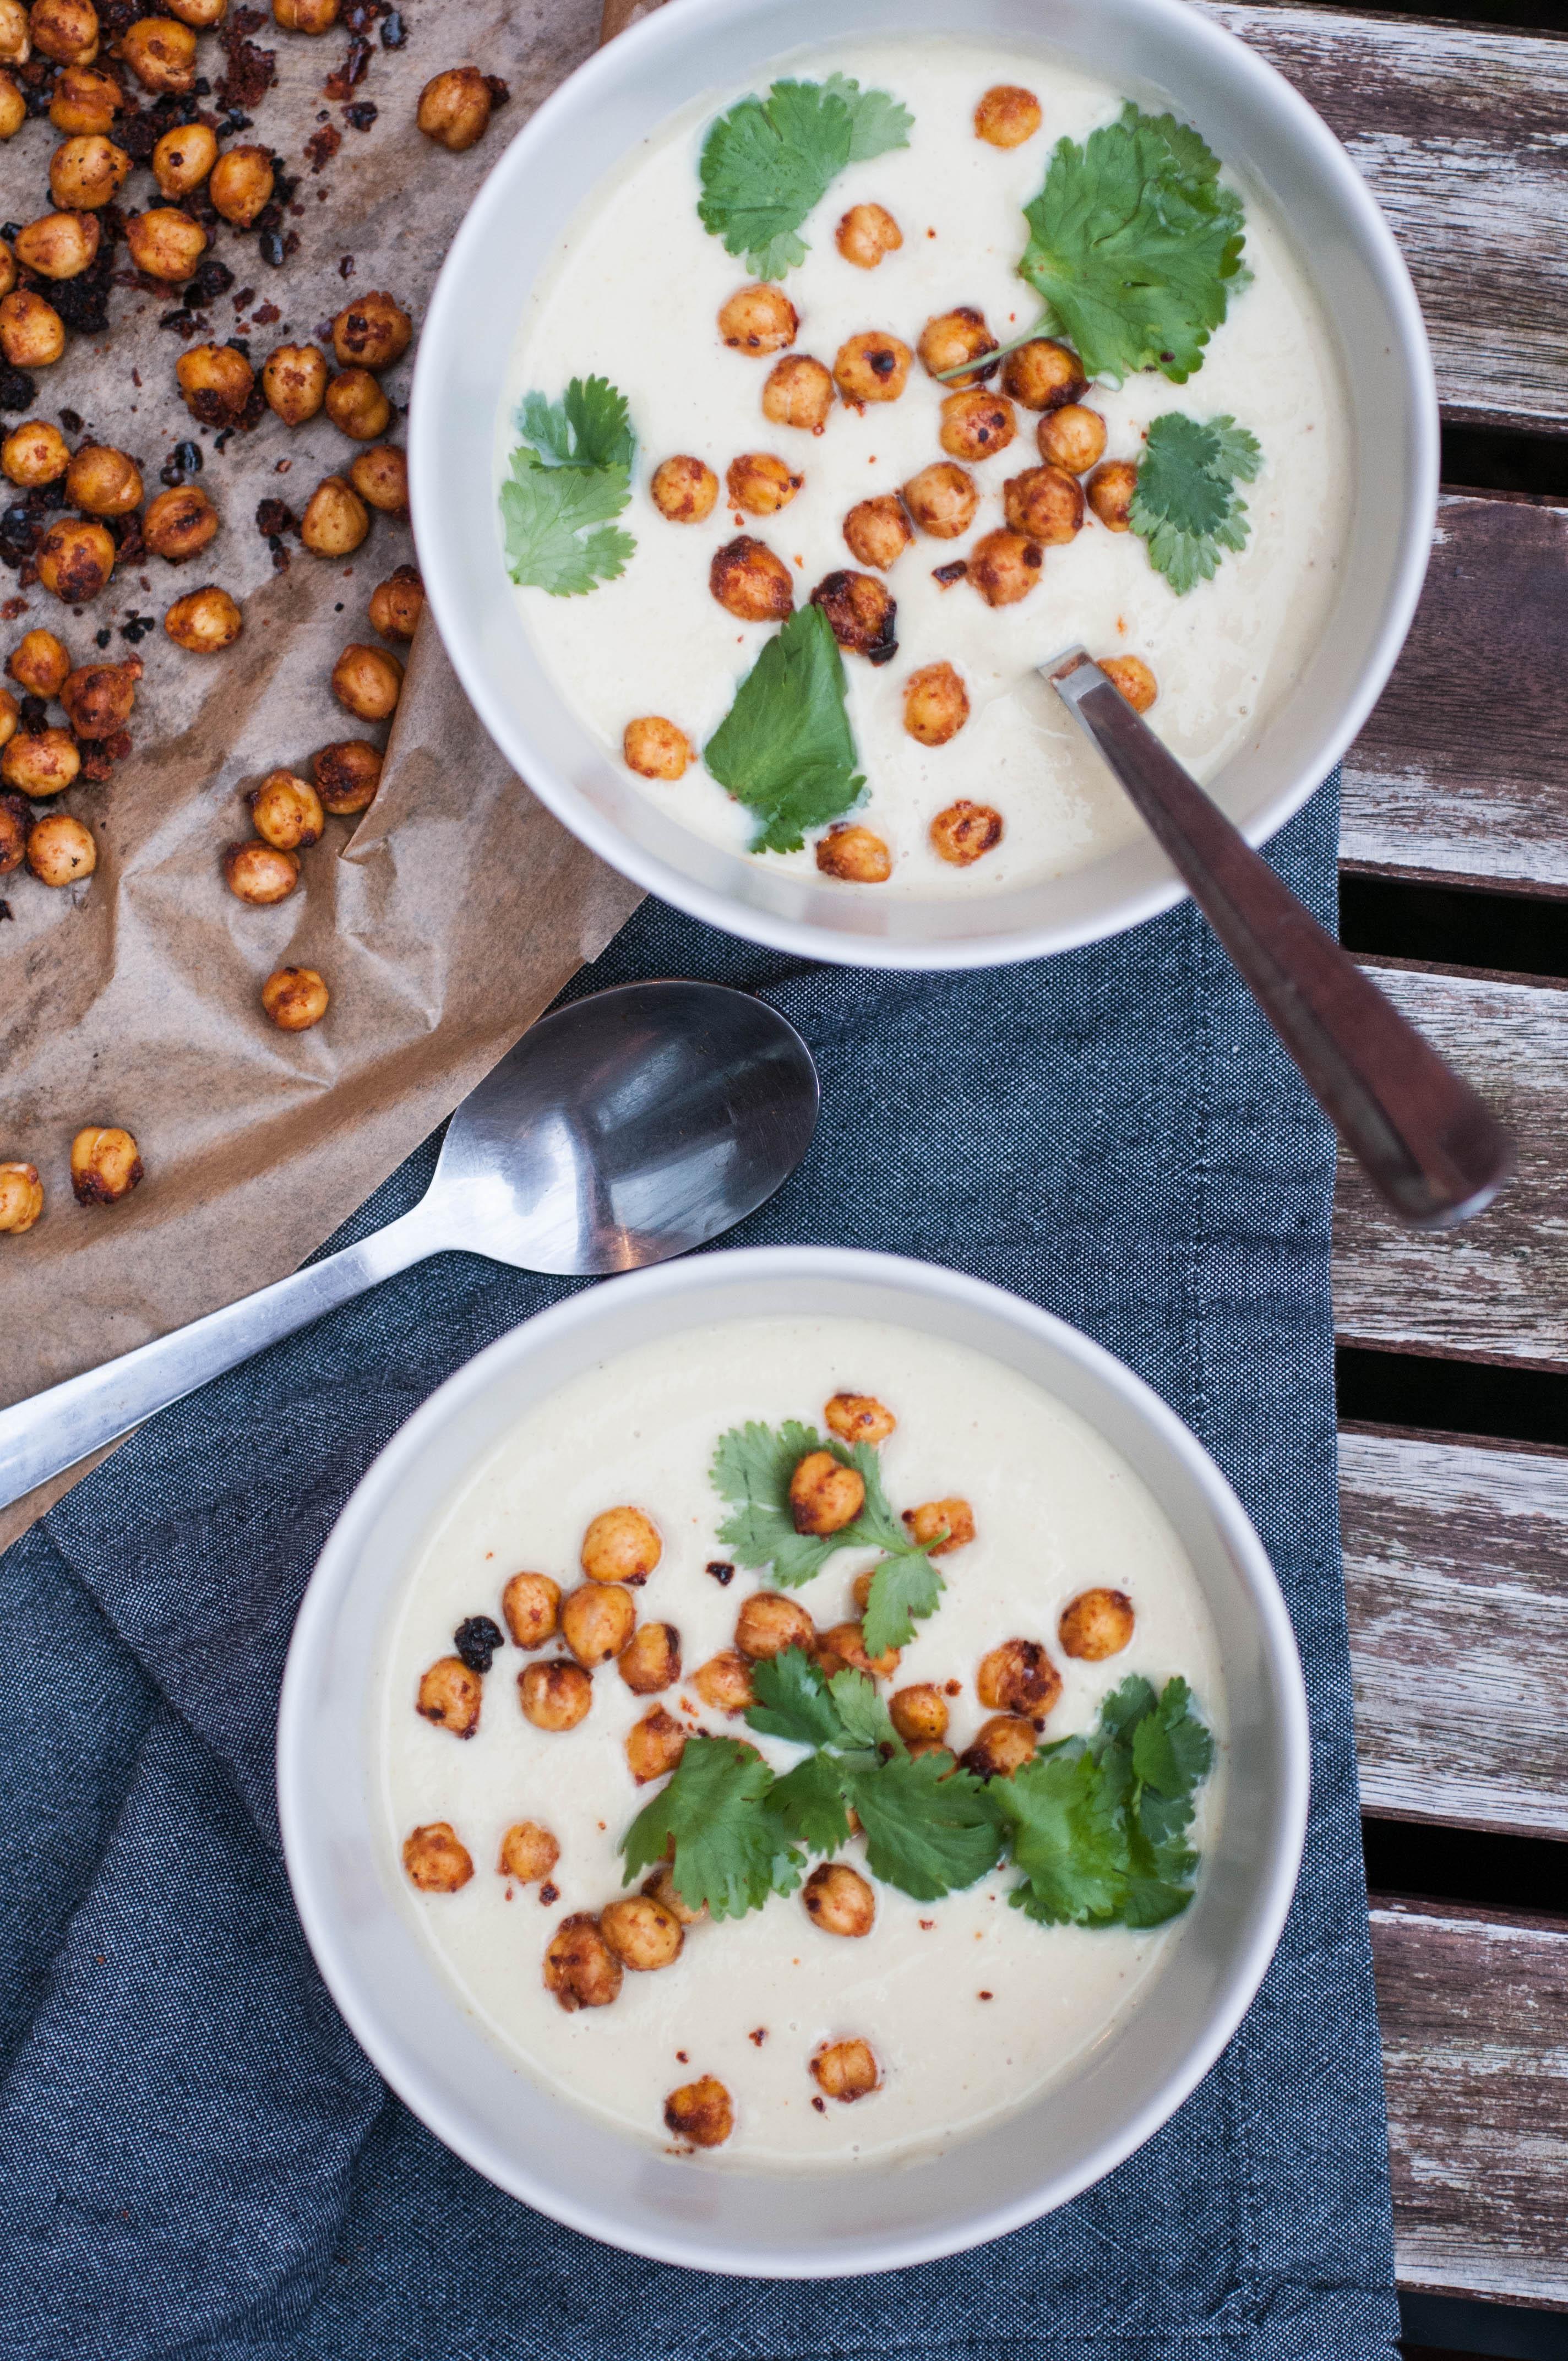 geröstete Kichererbsen auf Blumenkohlsuppe